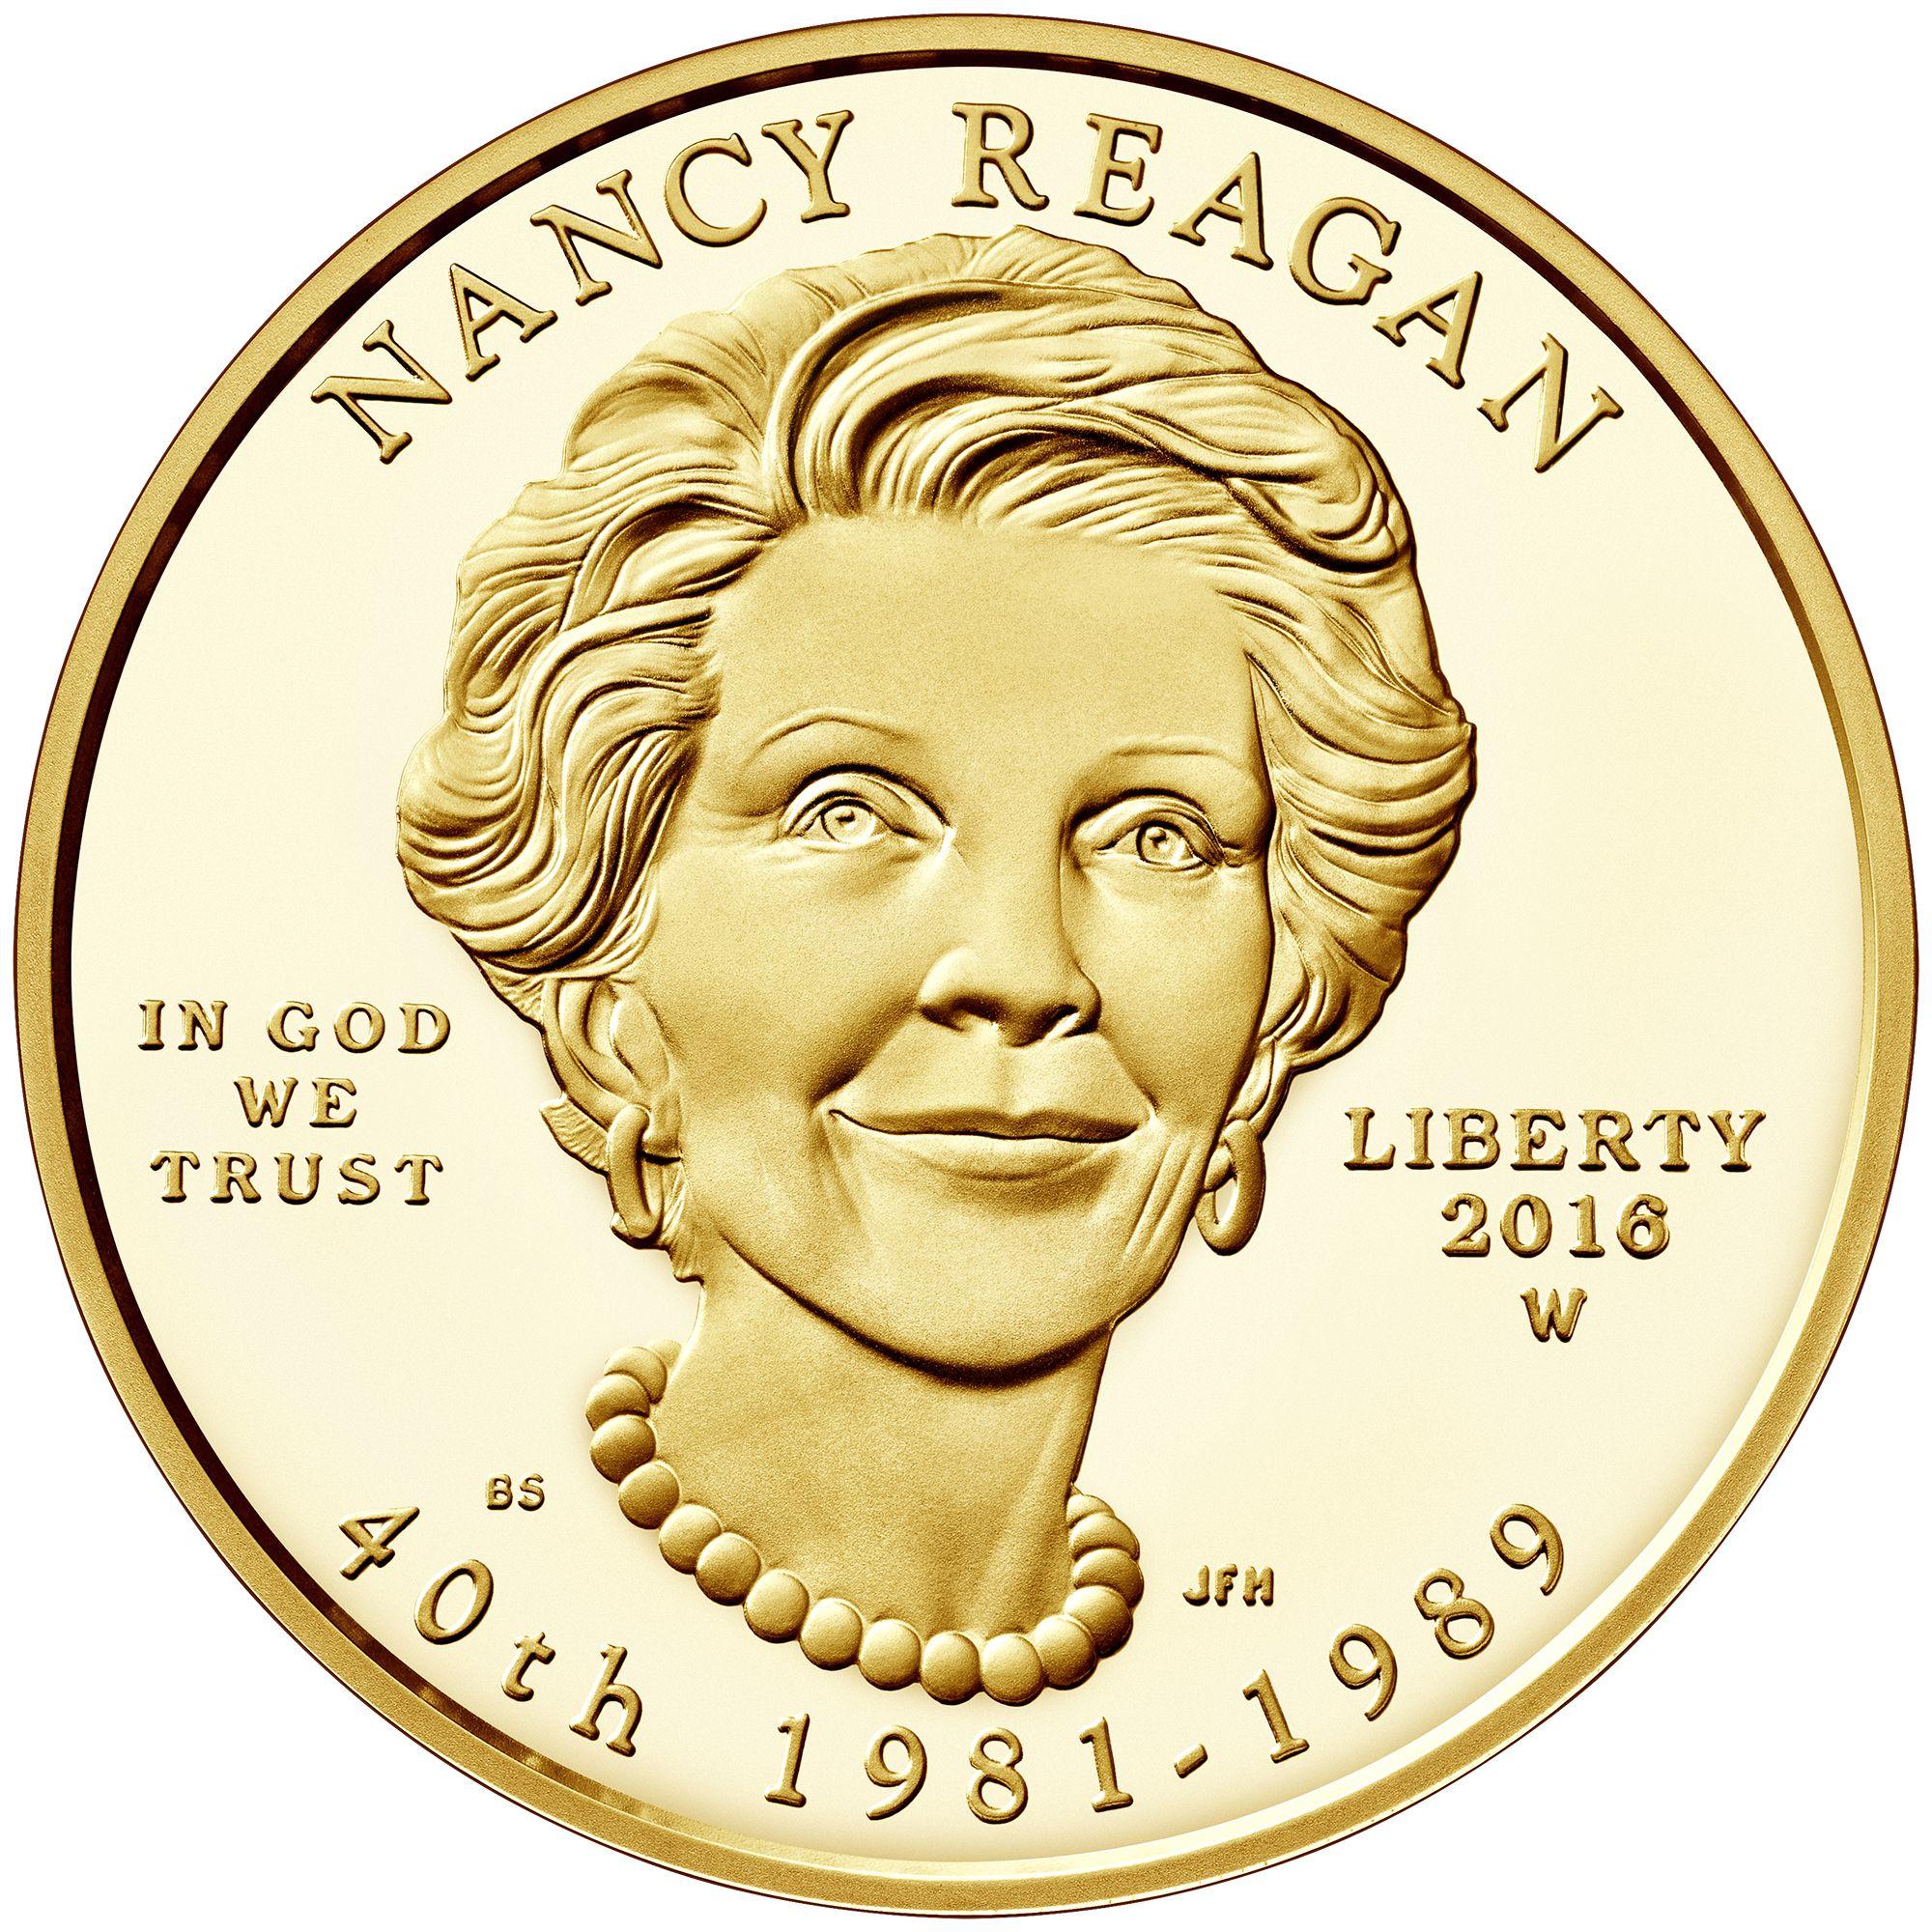 100 Mejores Imagenes De 1 Dolar En 2020 Monedas Billetes Monedas De Oro